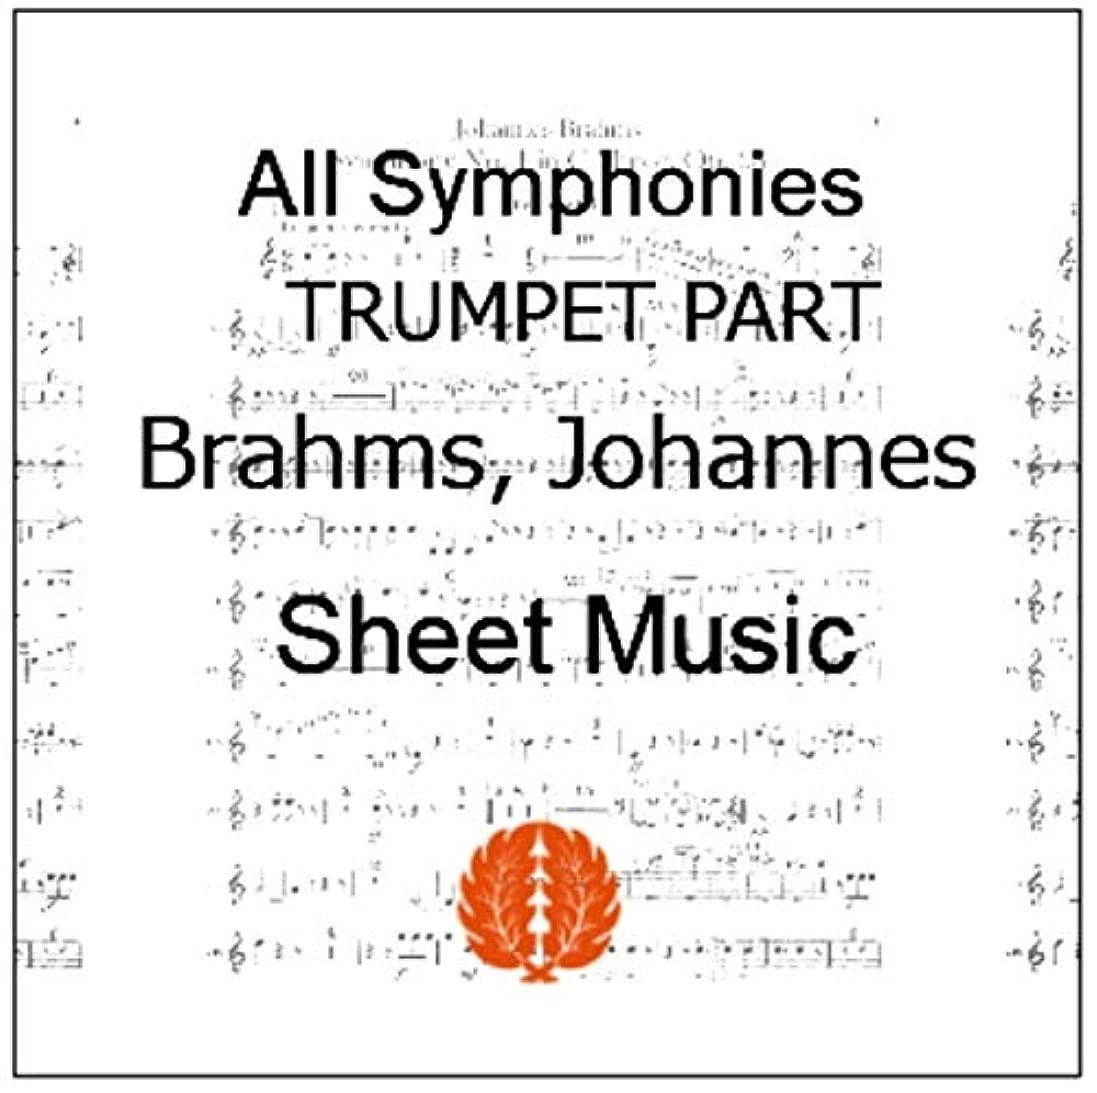 楽譜 pdf ブラームス 交響曲 全曲全楽章 トランペット パート譜セット